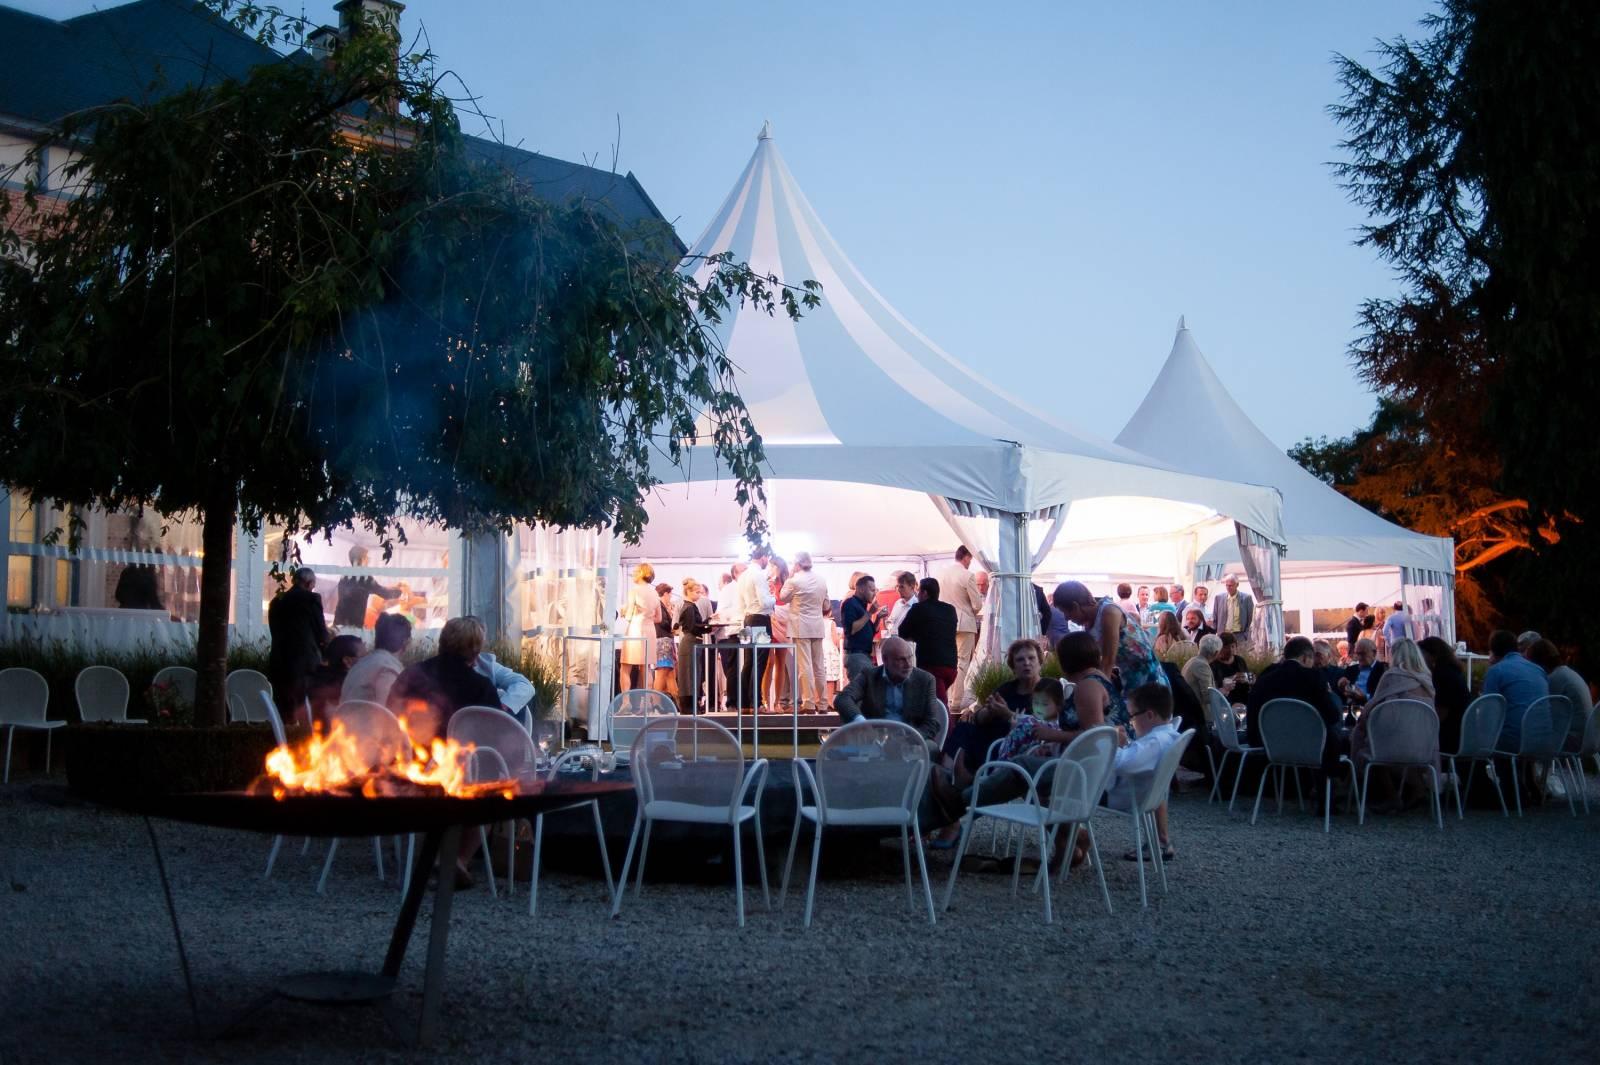 Domein Saint-Hubert - House of Weddings - Feestzaal Oost-Vlaanderen - Ronse - huwelijk - ceremonie cateri (14)